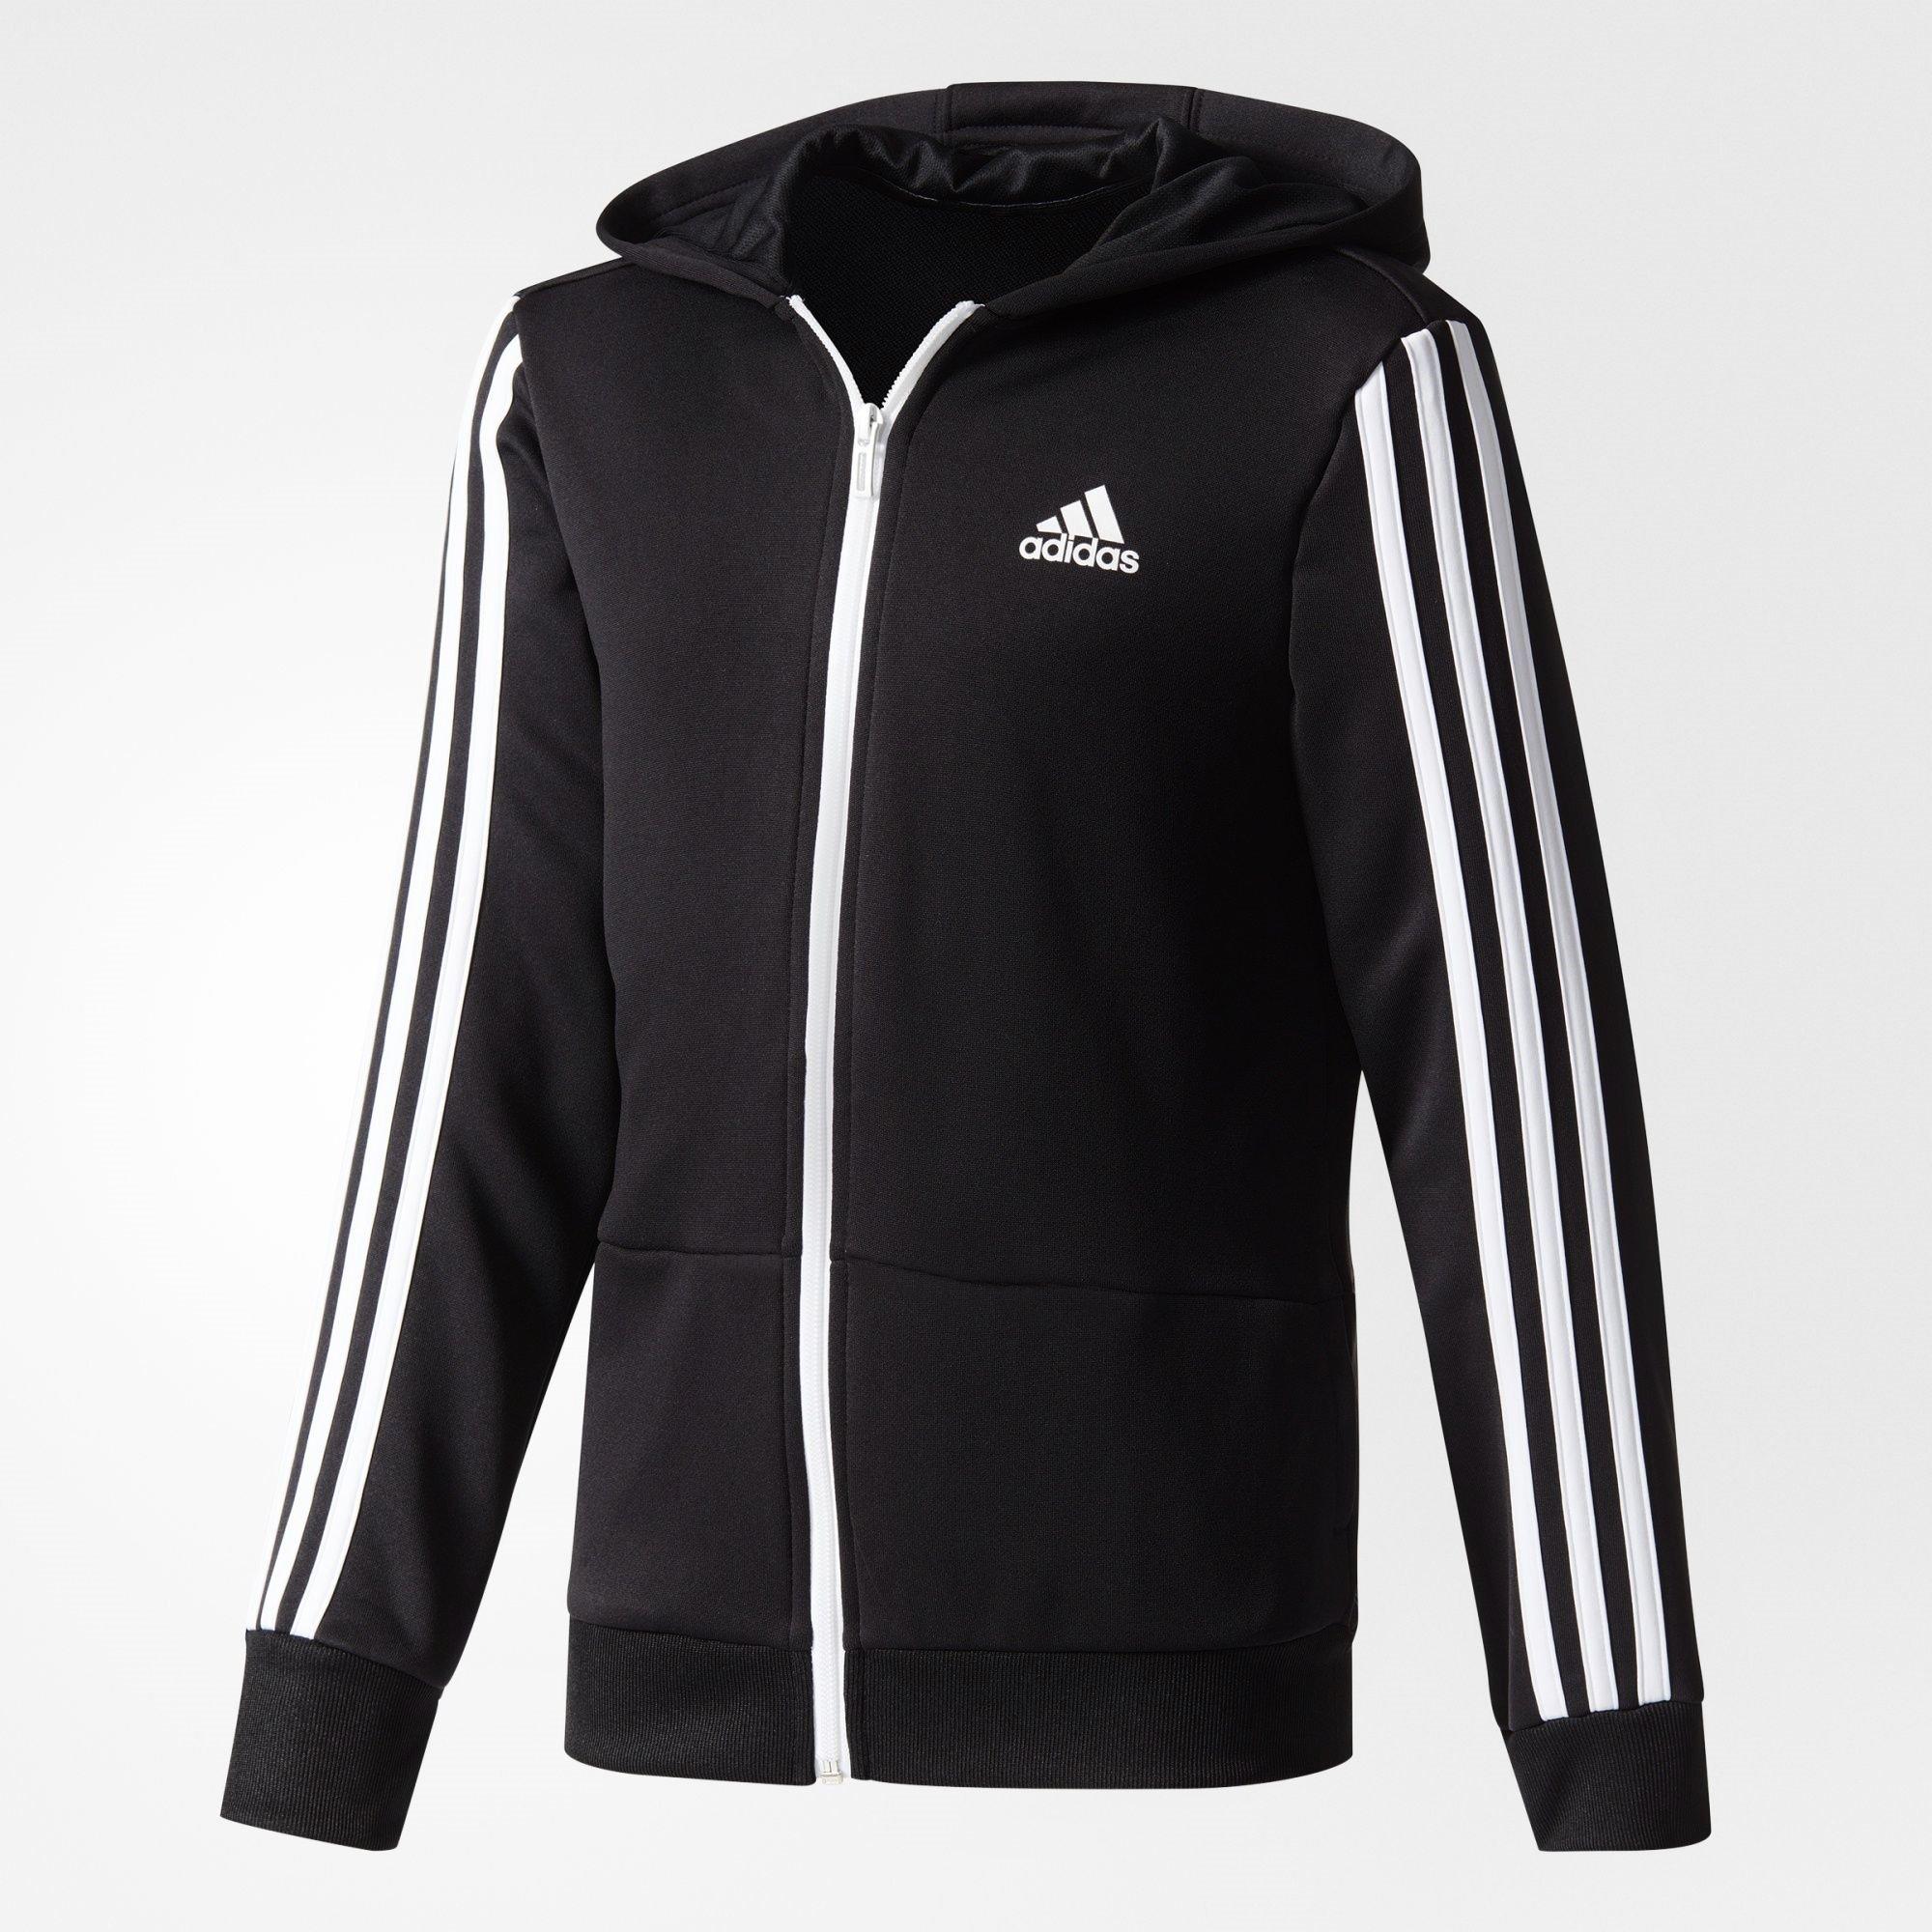 Bluza młodzieżowa Adidas na 164 cm 6938108263 oficjalne